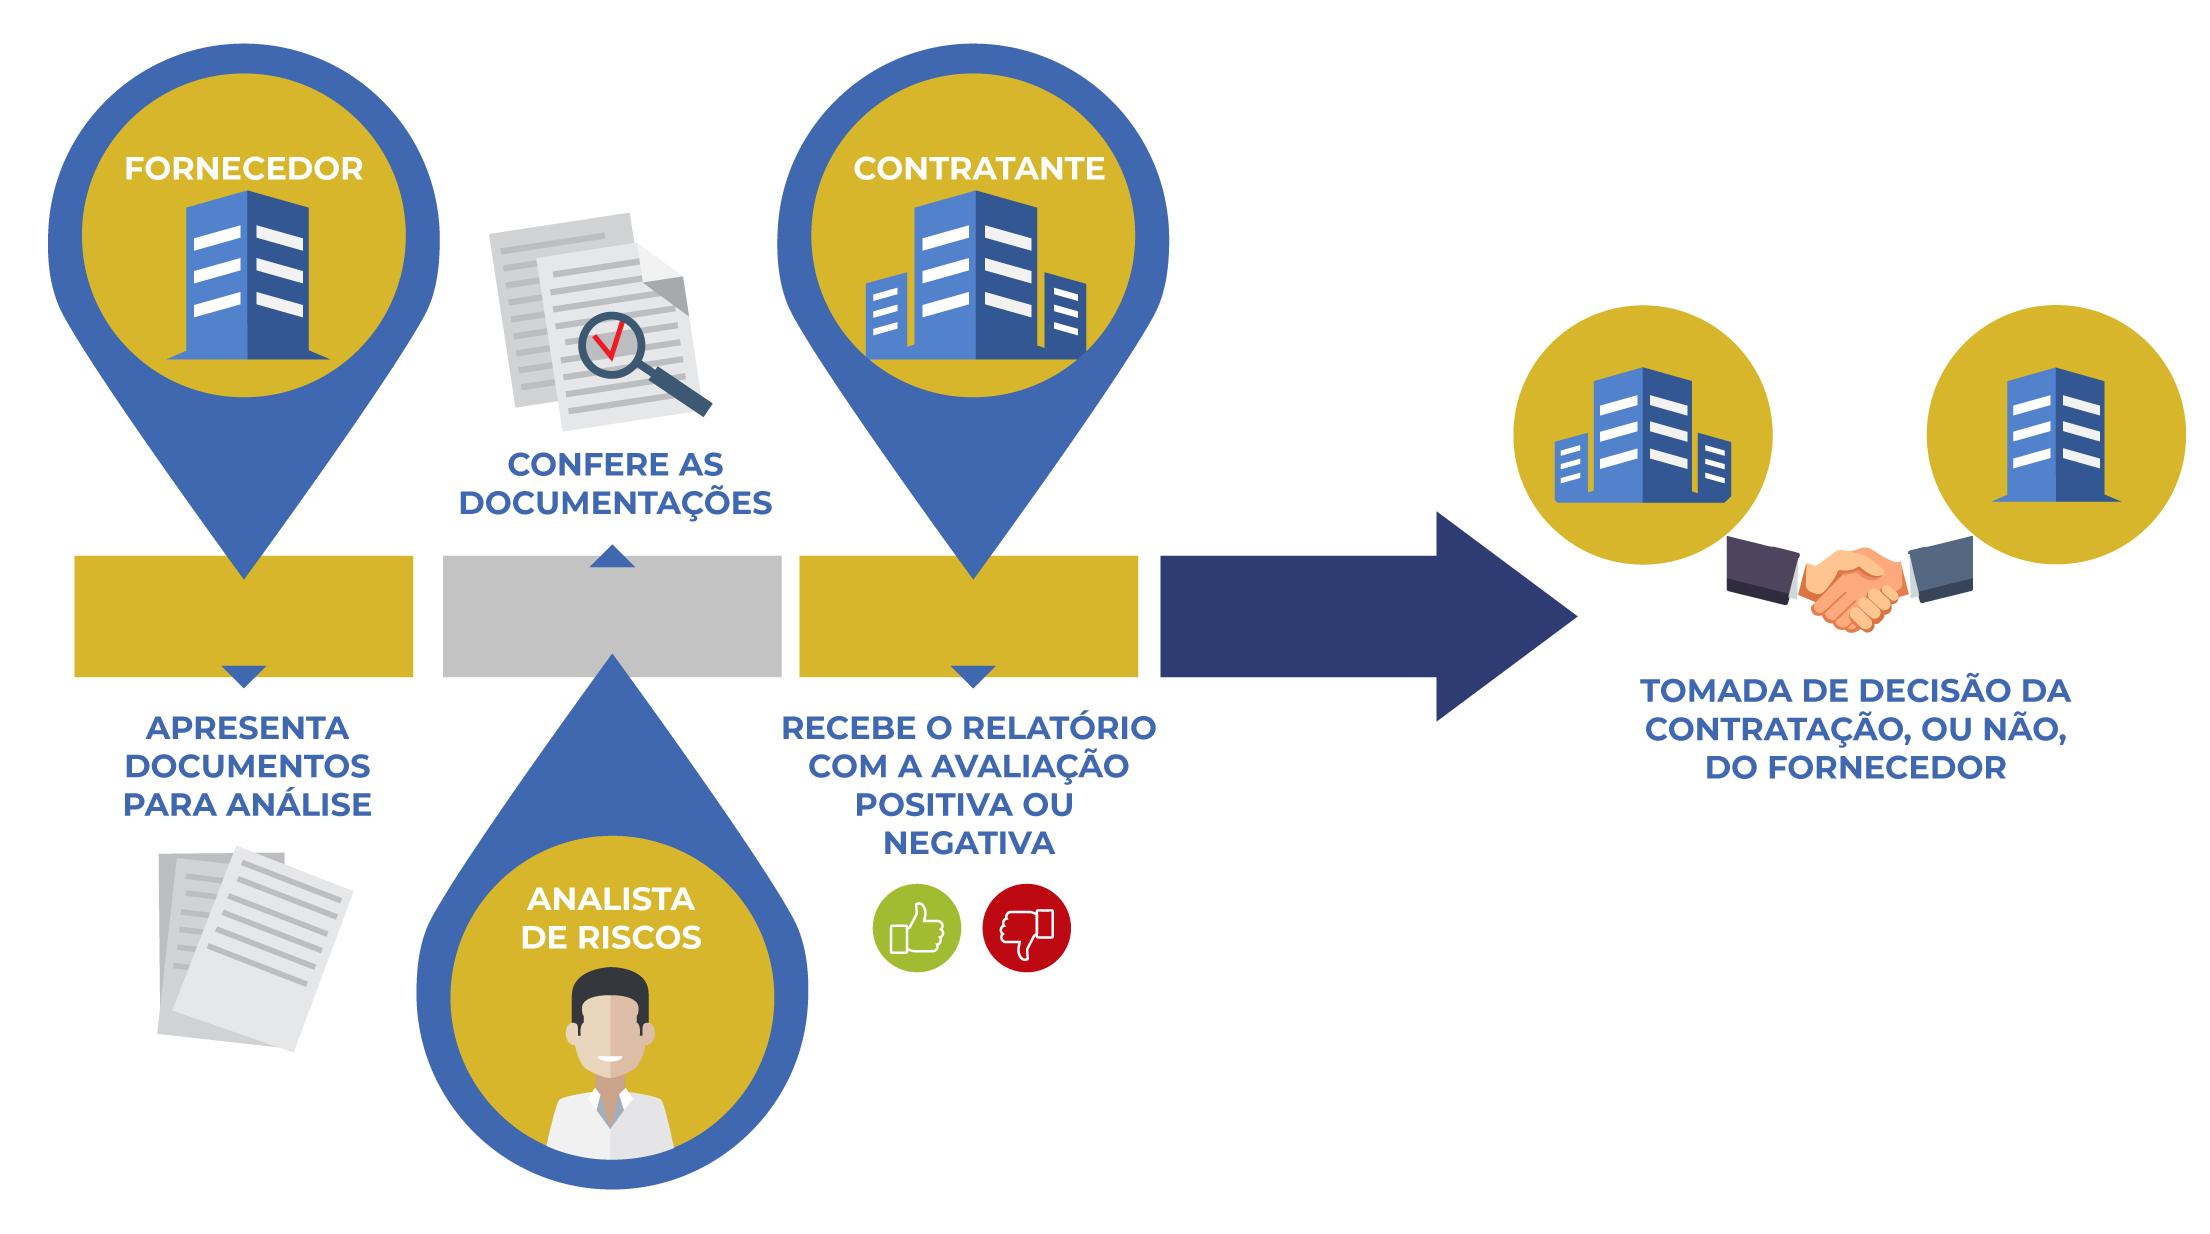 A Homologação de fornecedores é necessária para sua empresa?